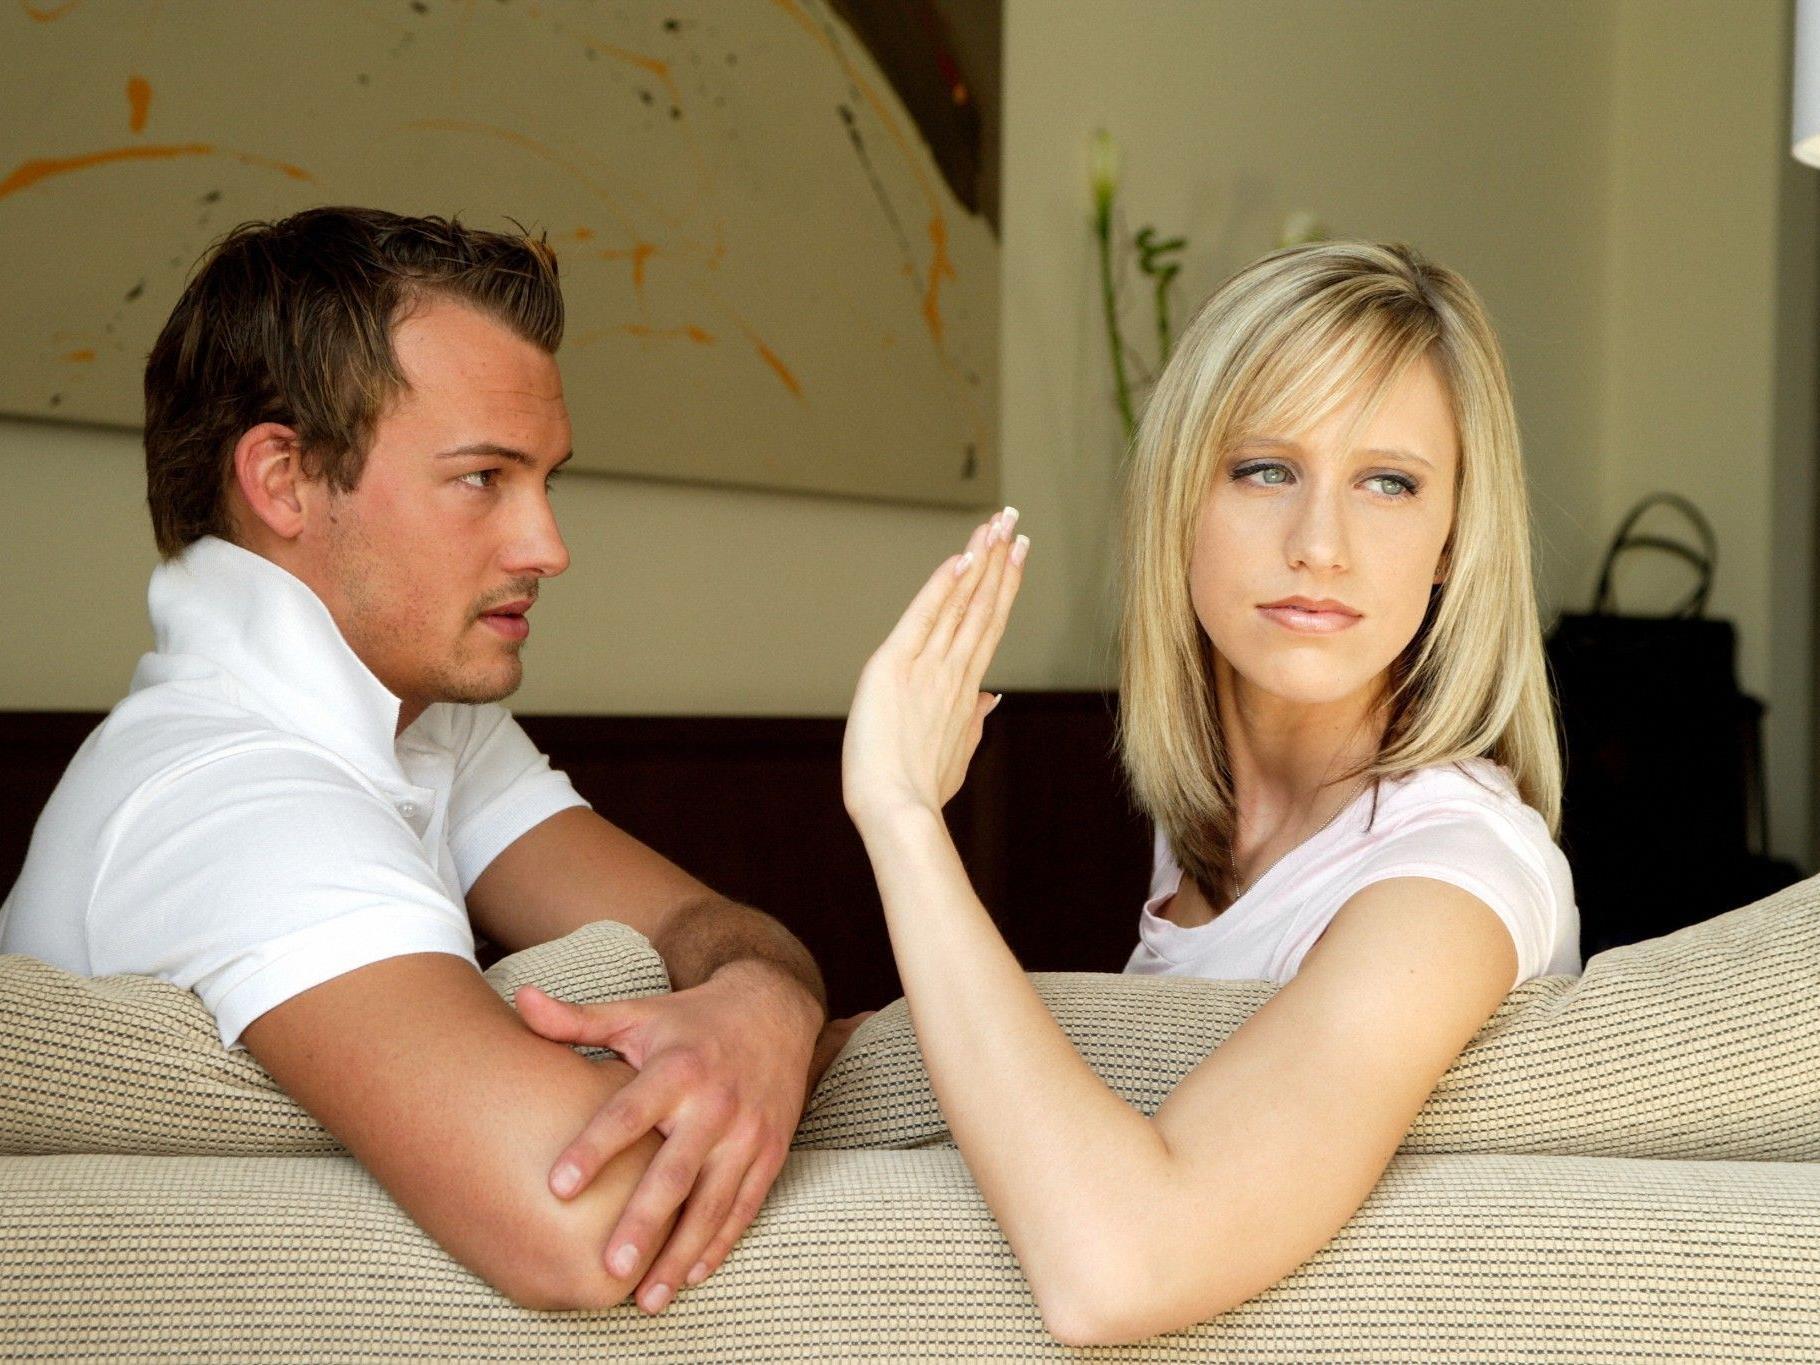 Frauen üben an fruchtbaren Tagen stärker Partnerkritik.